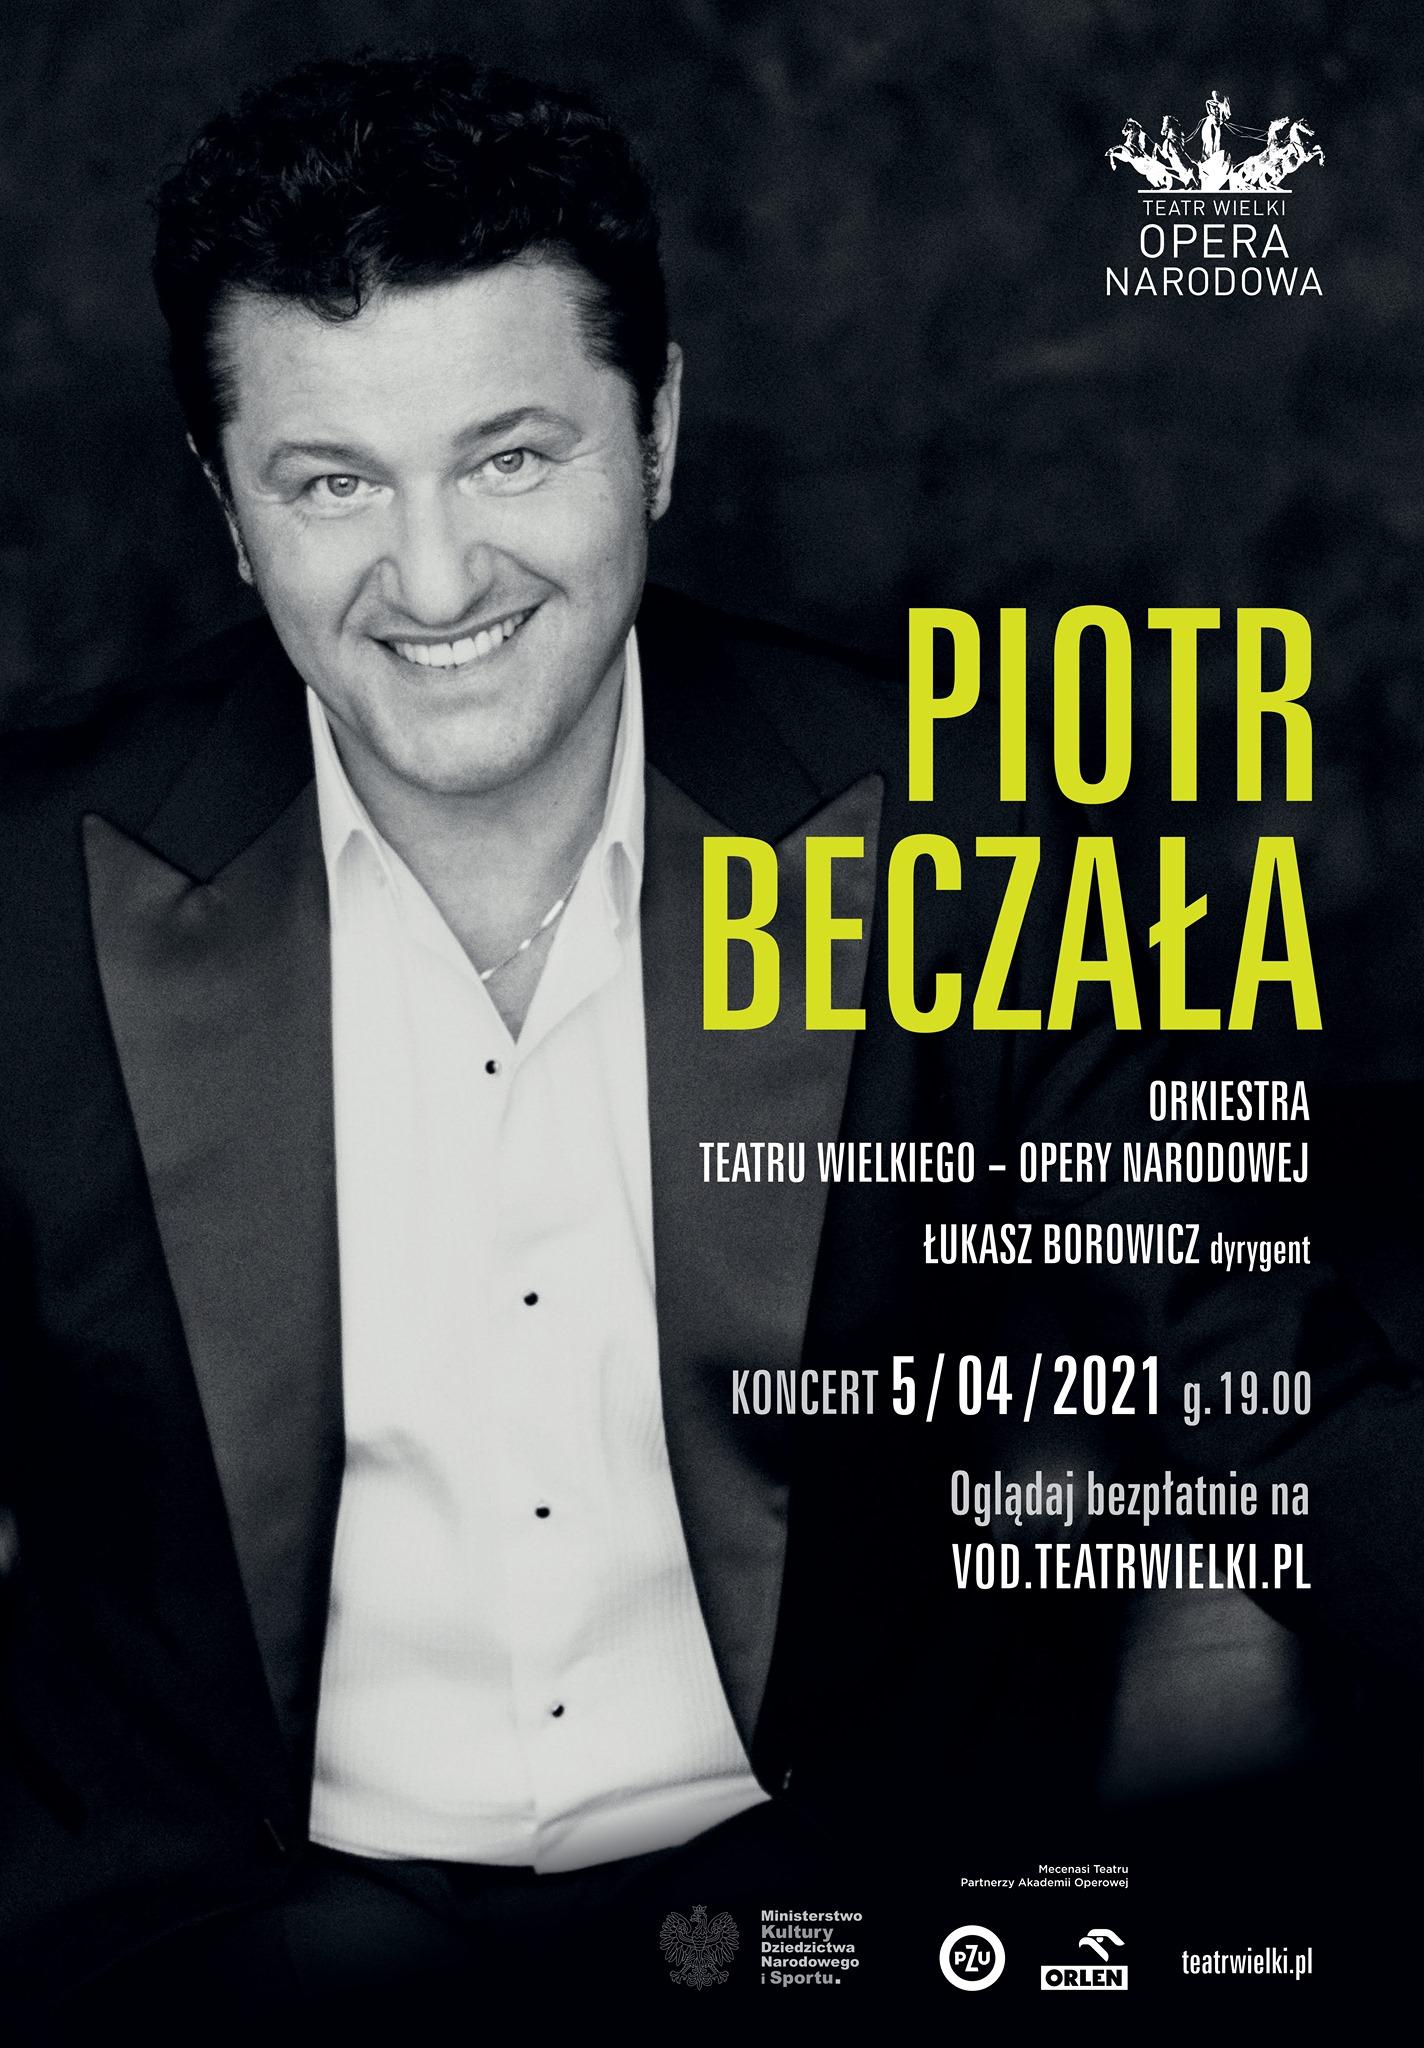 PIOTR BECZAŁA koncert online za darmo do 07.04 19:00 - Teatr Wielki - Opera Narodowa